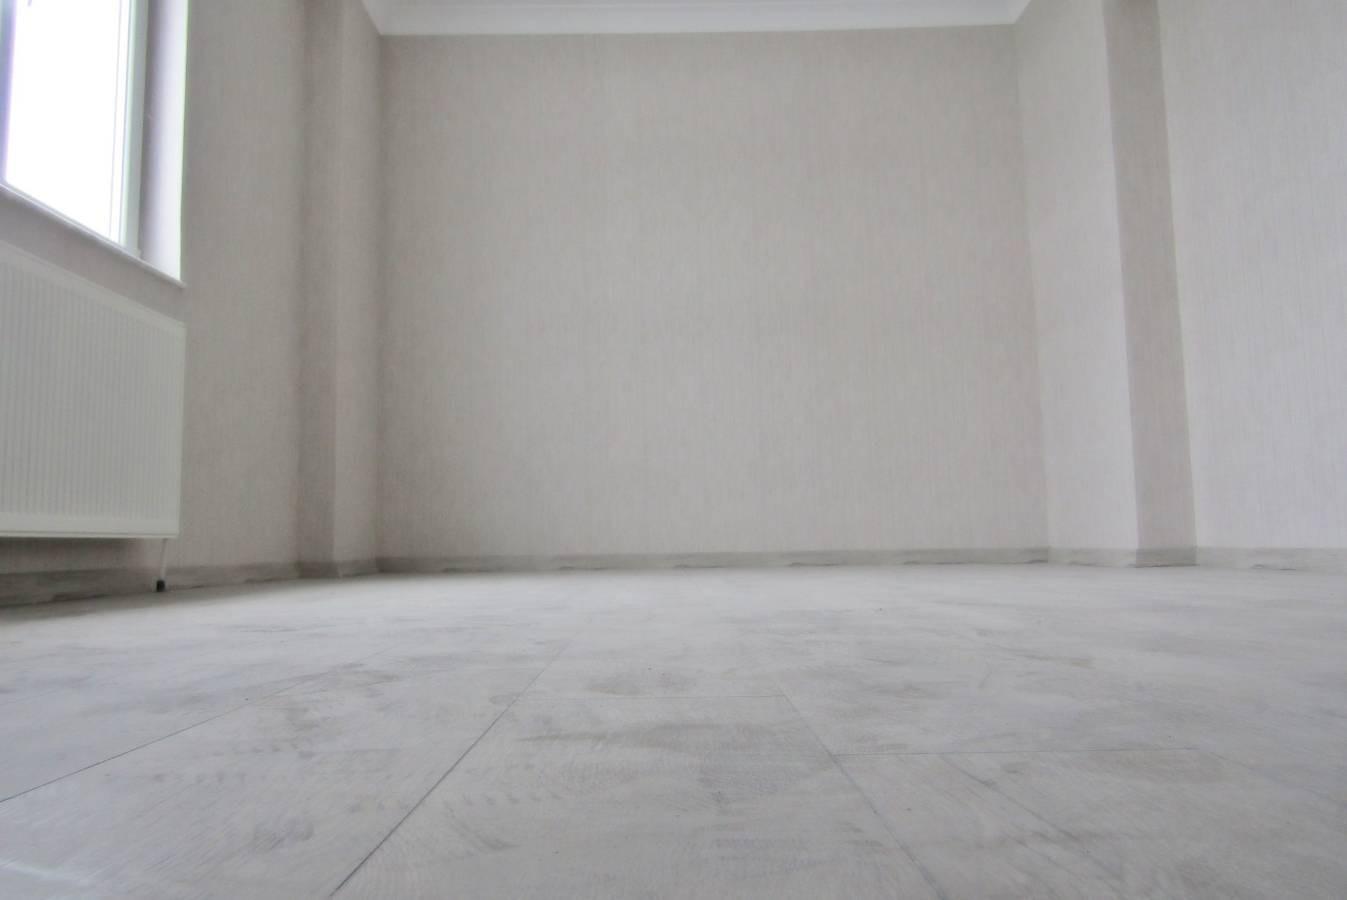 SR EMLAK'TAN AYYILDIZ MAH'DE 3+1 140m² ARA KATTA FULL YAPILI DAİRE